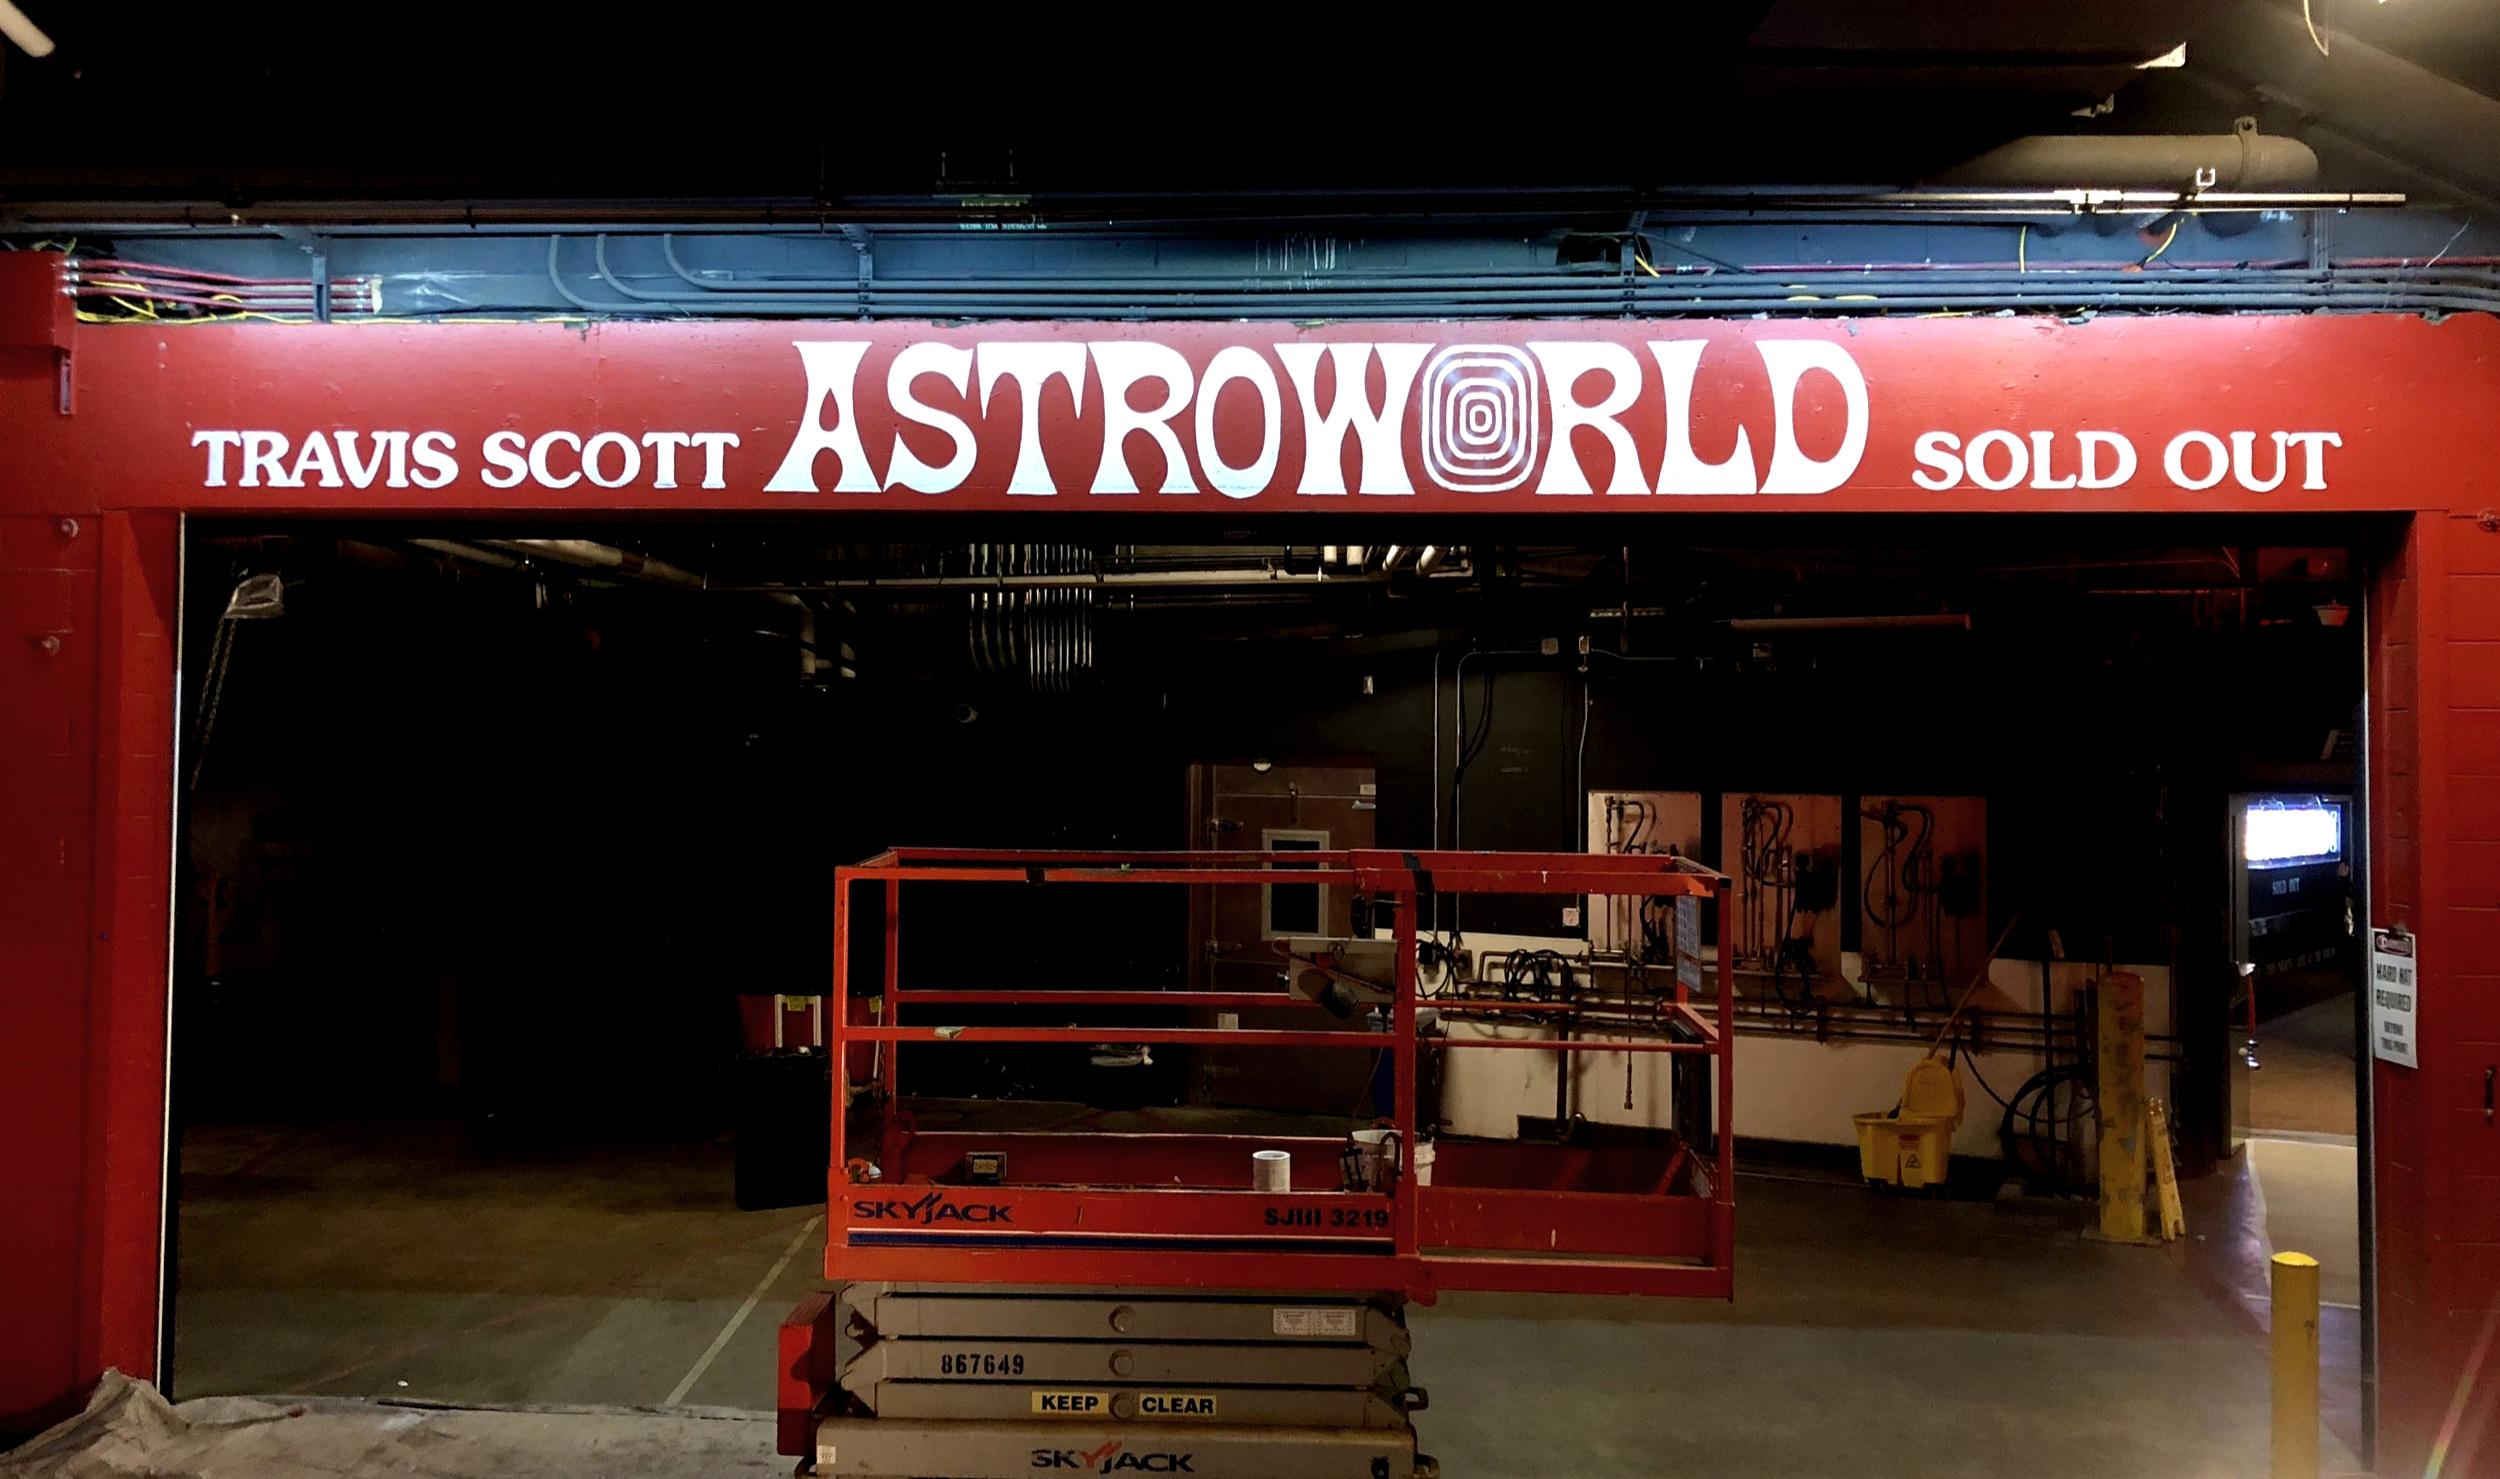 Travis Scott - Astroworld Tour